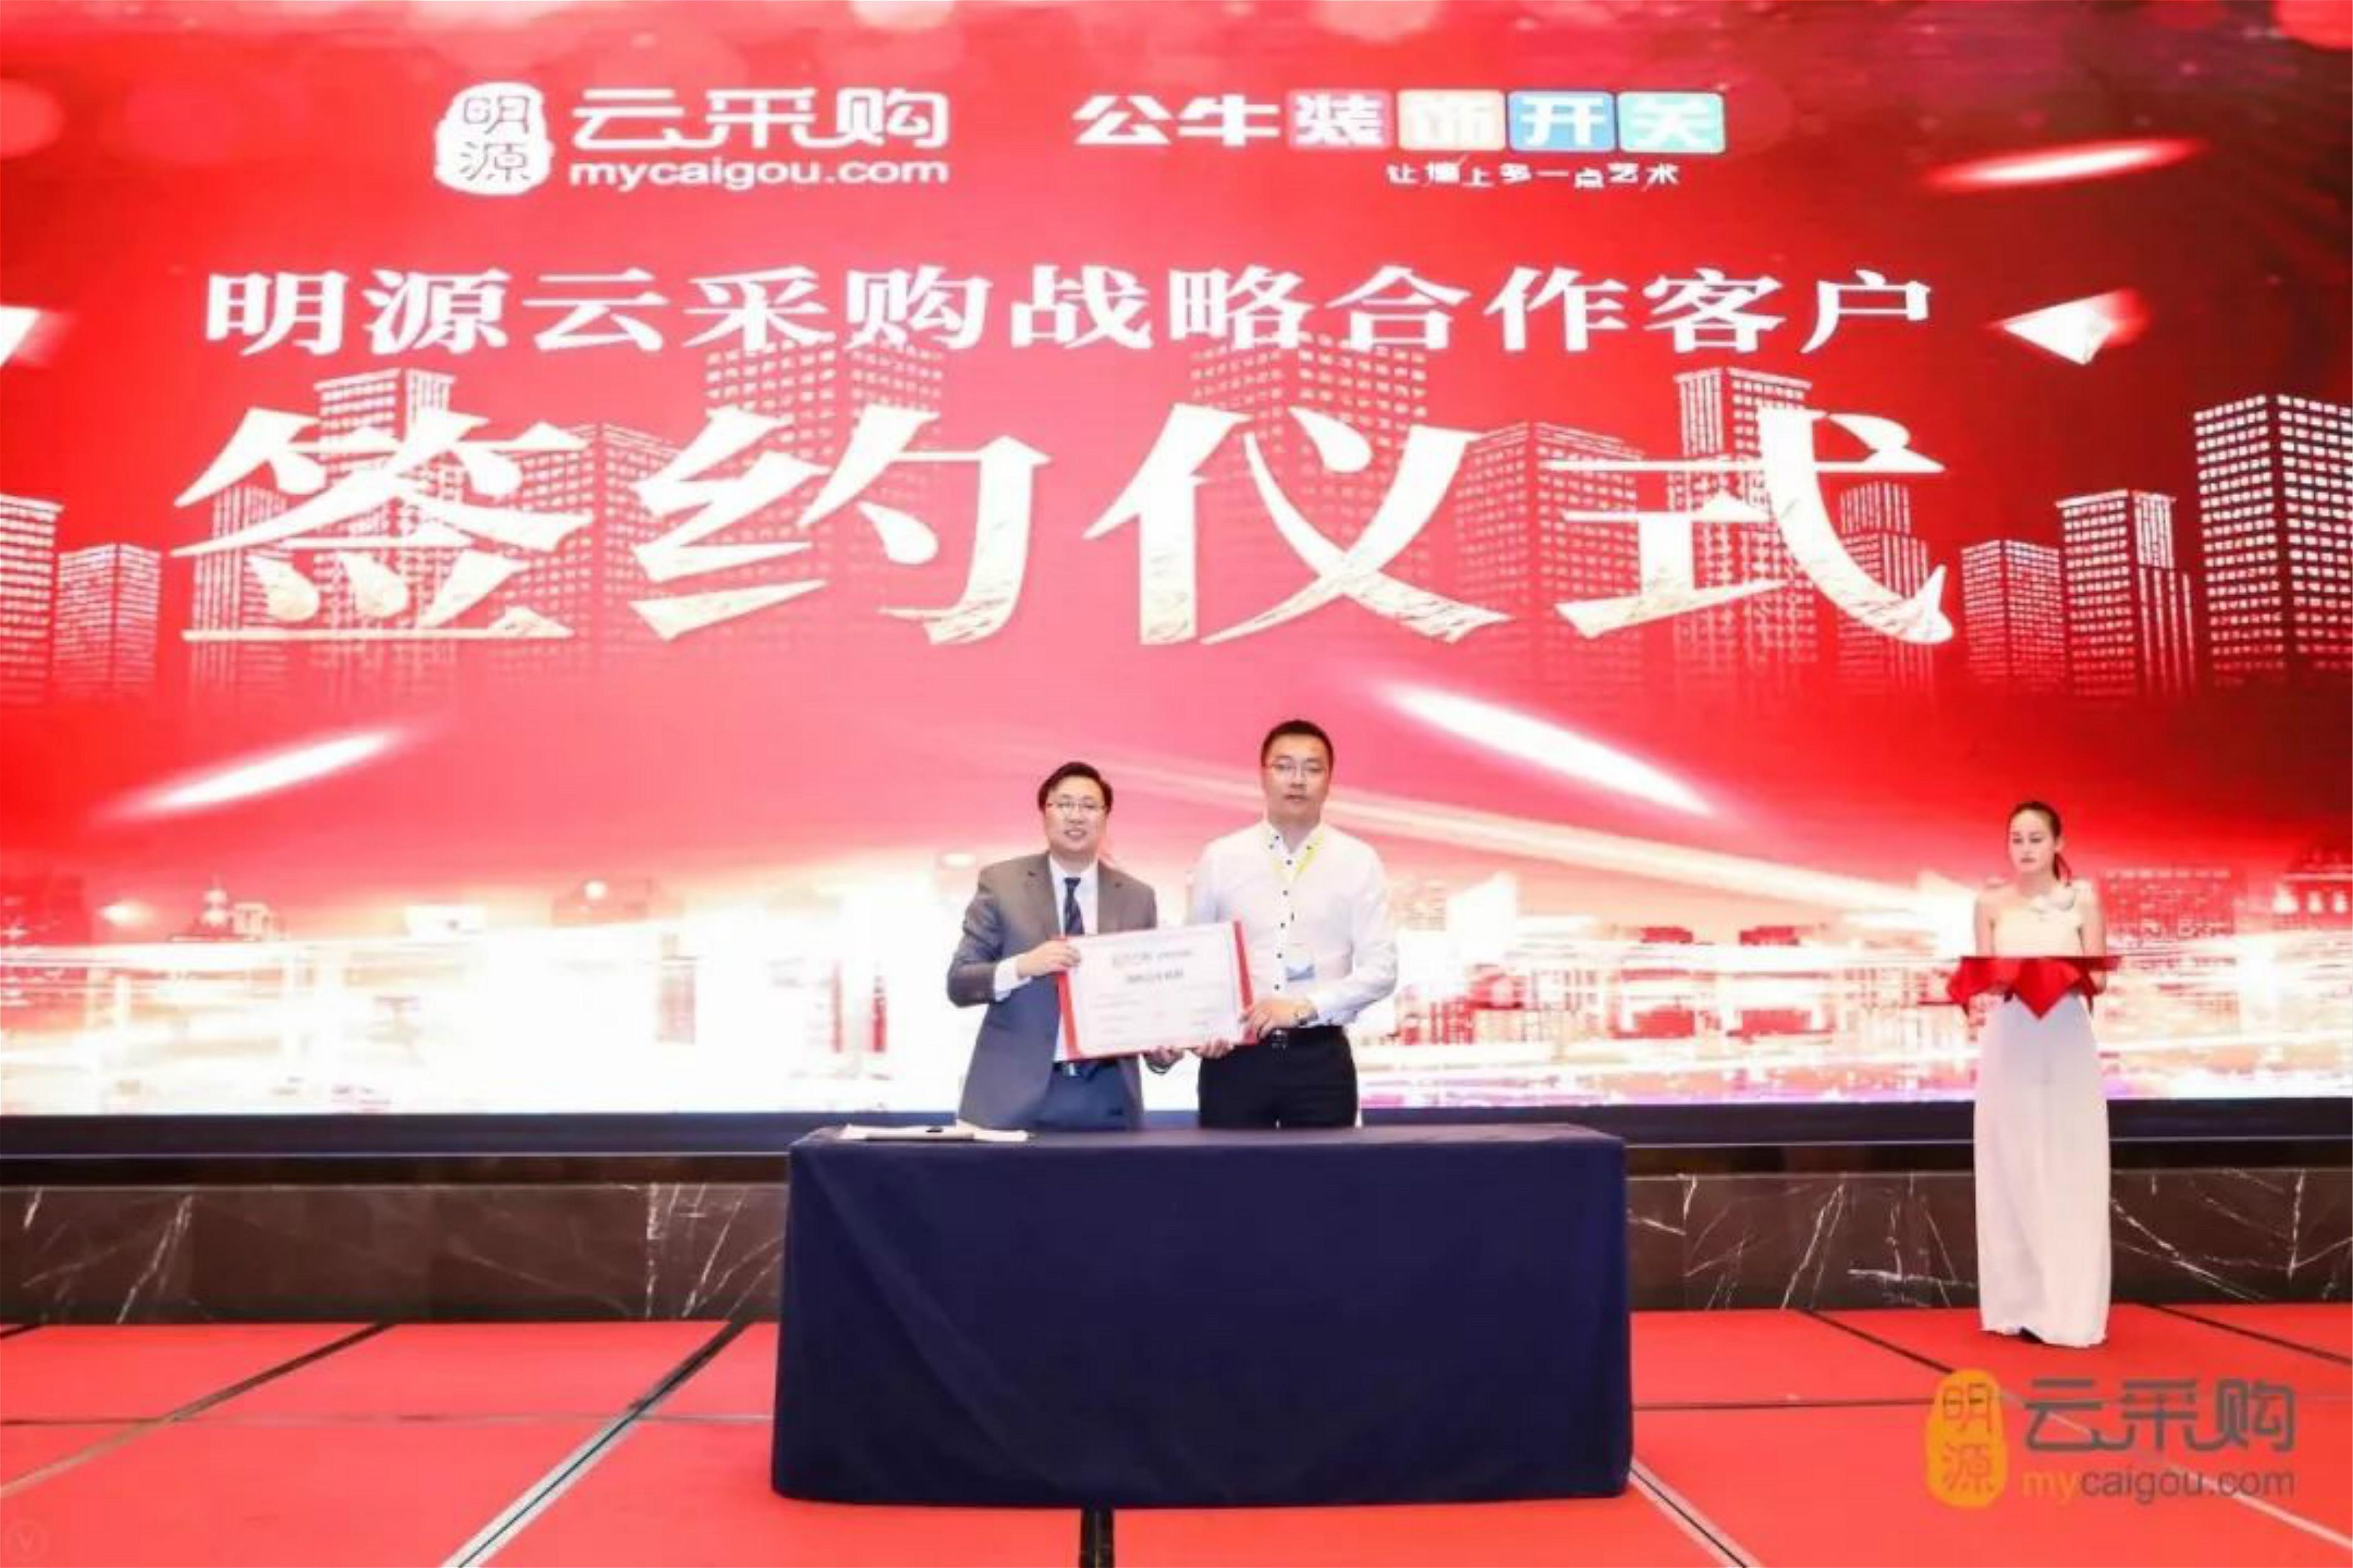 北元电器与明源云采购正式签署年度战略合作!